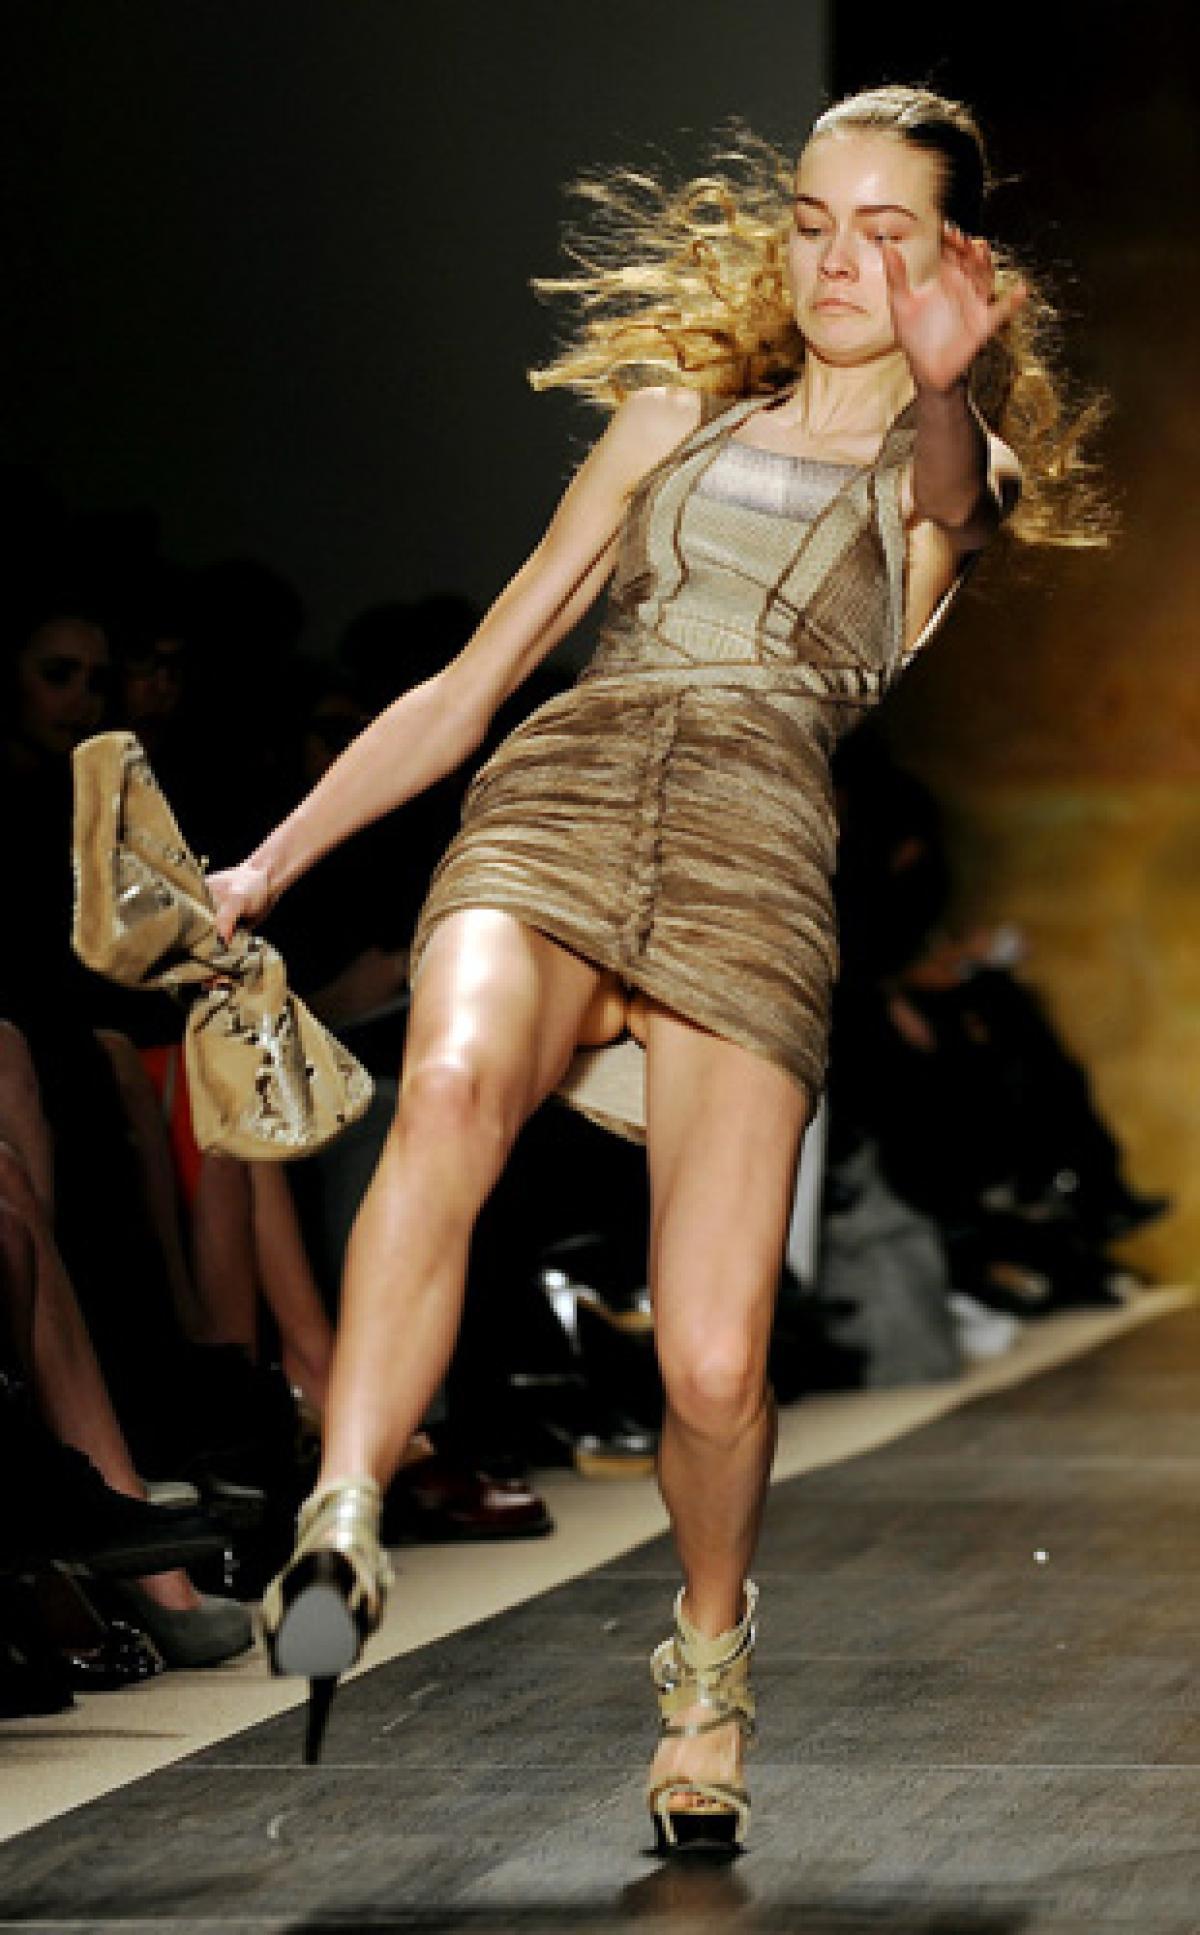 【朗報】ファッションショーのモデルまんさん、ステージで転倒しとんでも部分を御開帳wwwwwwwwwwwwwwwww(画像あり)・2枚目